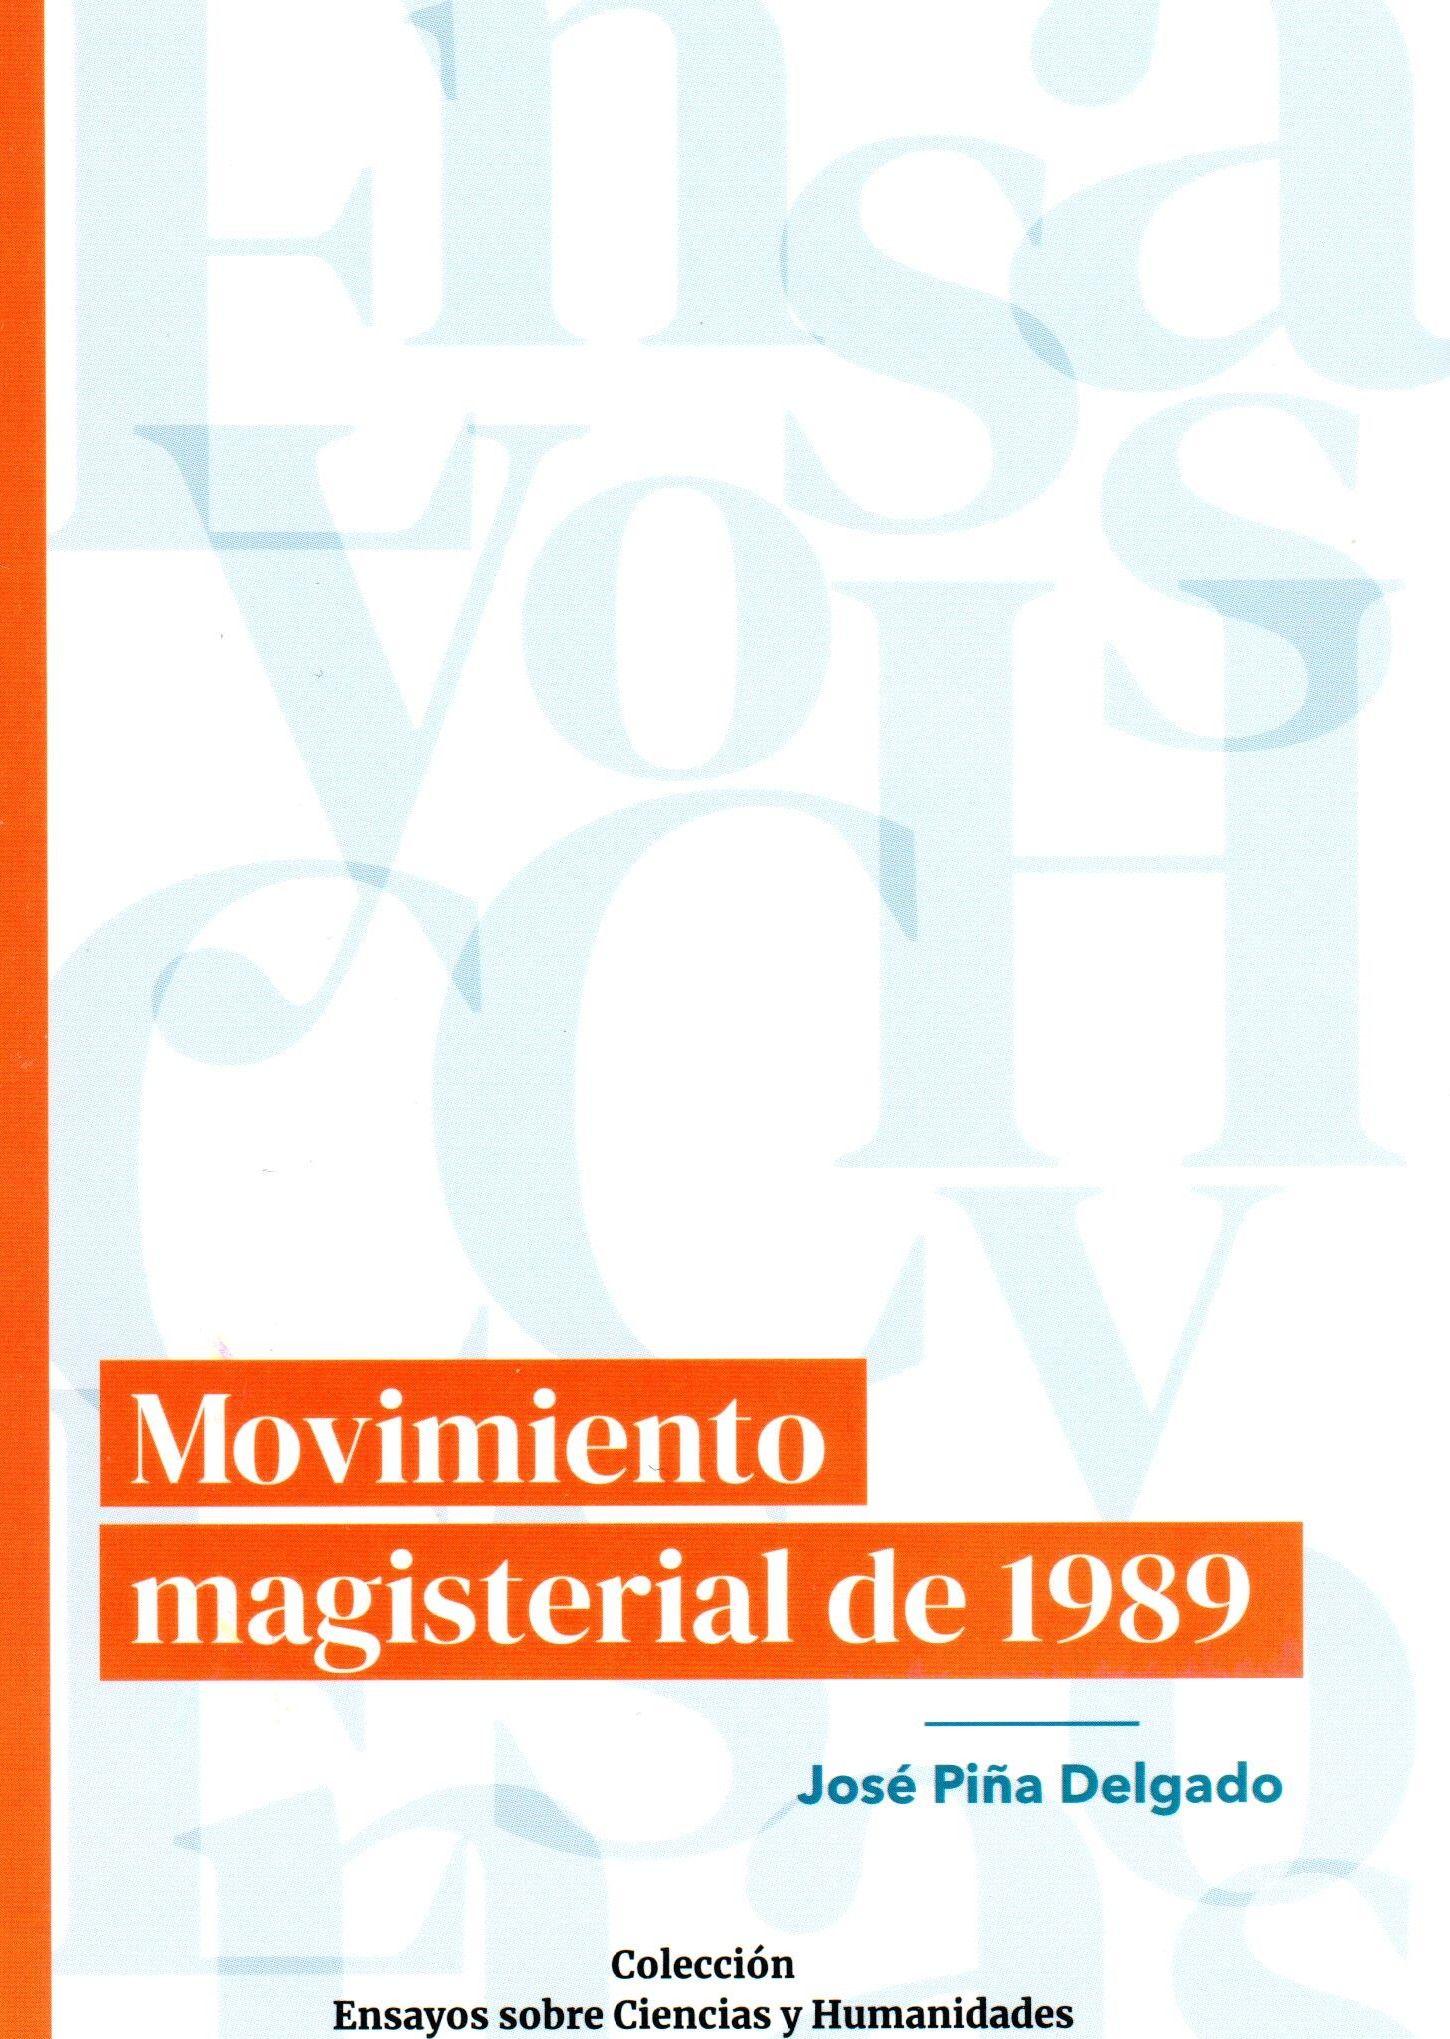 Movimiento magisterial de 1989